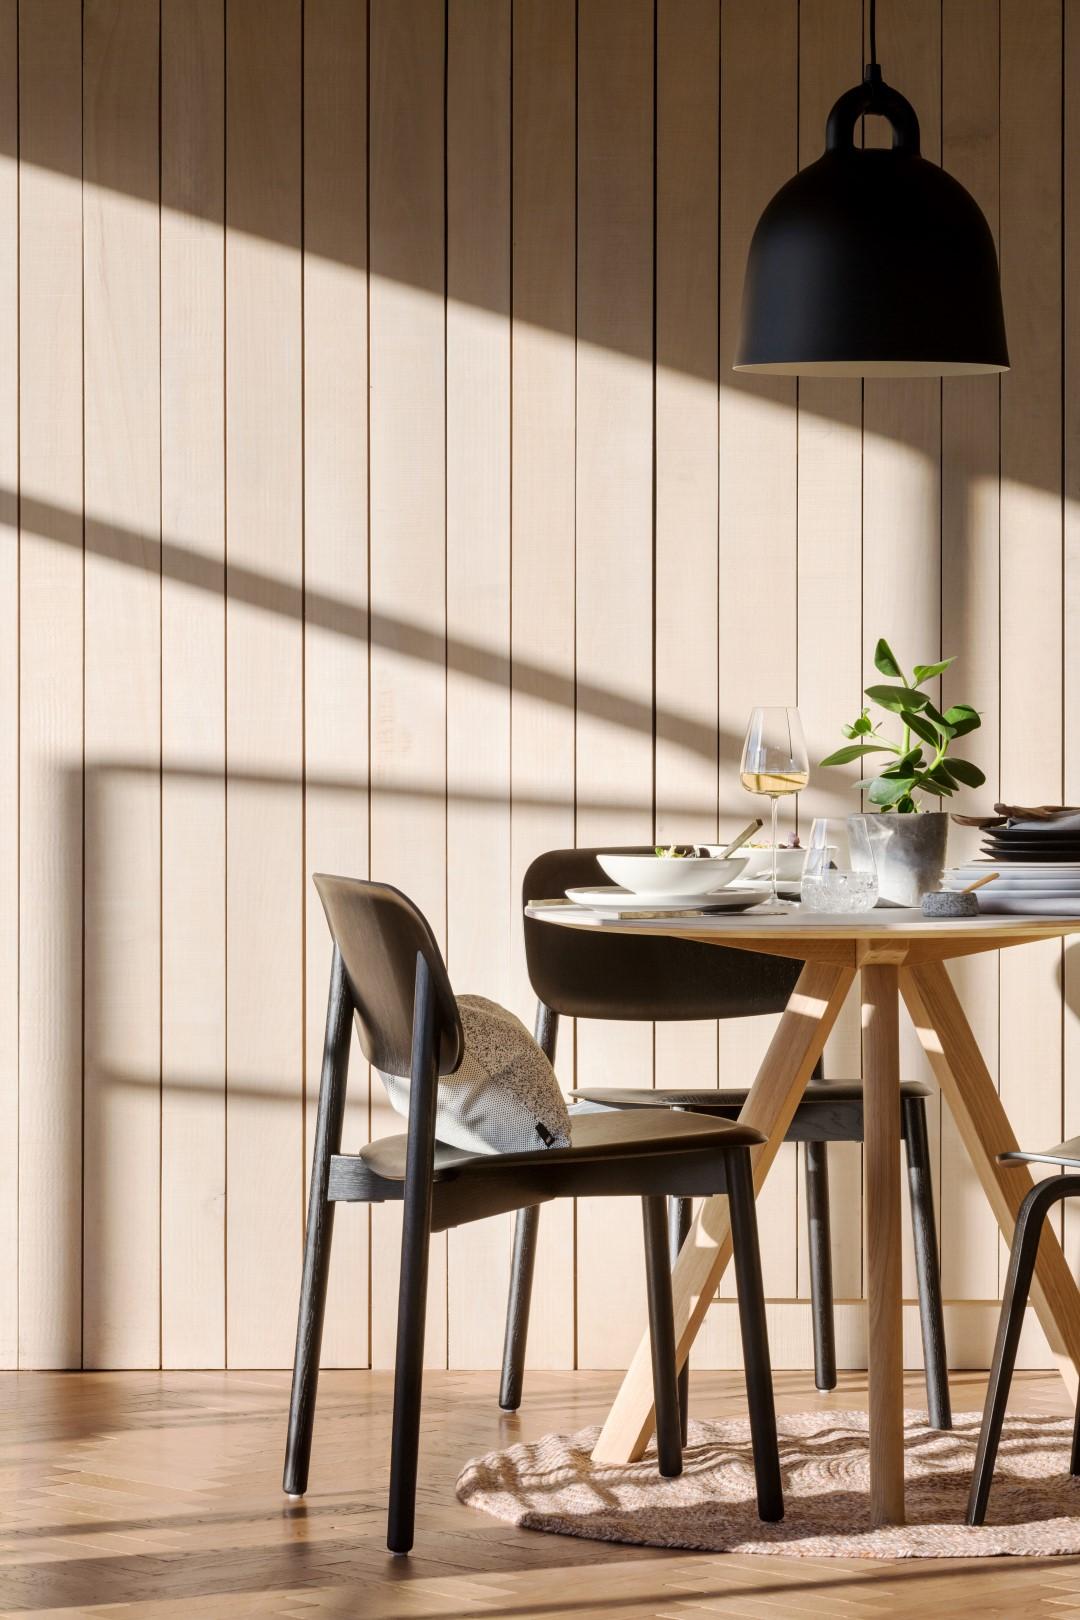 Phong cách thiết kế nội thất Cận hiện đại - ảnh 4